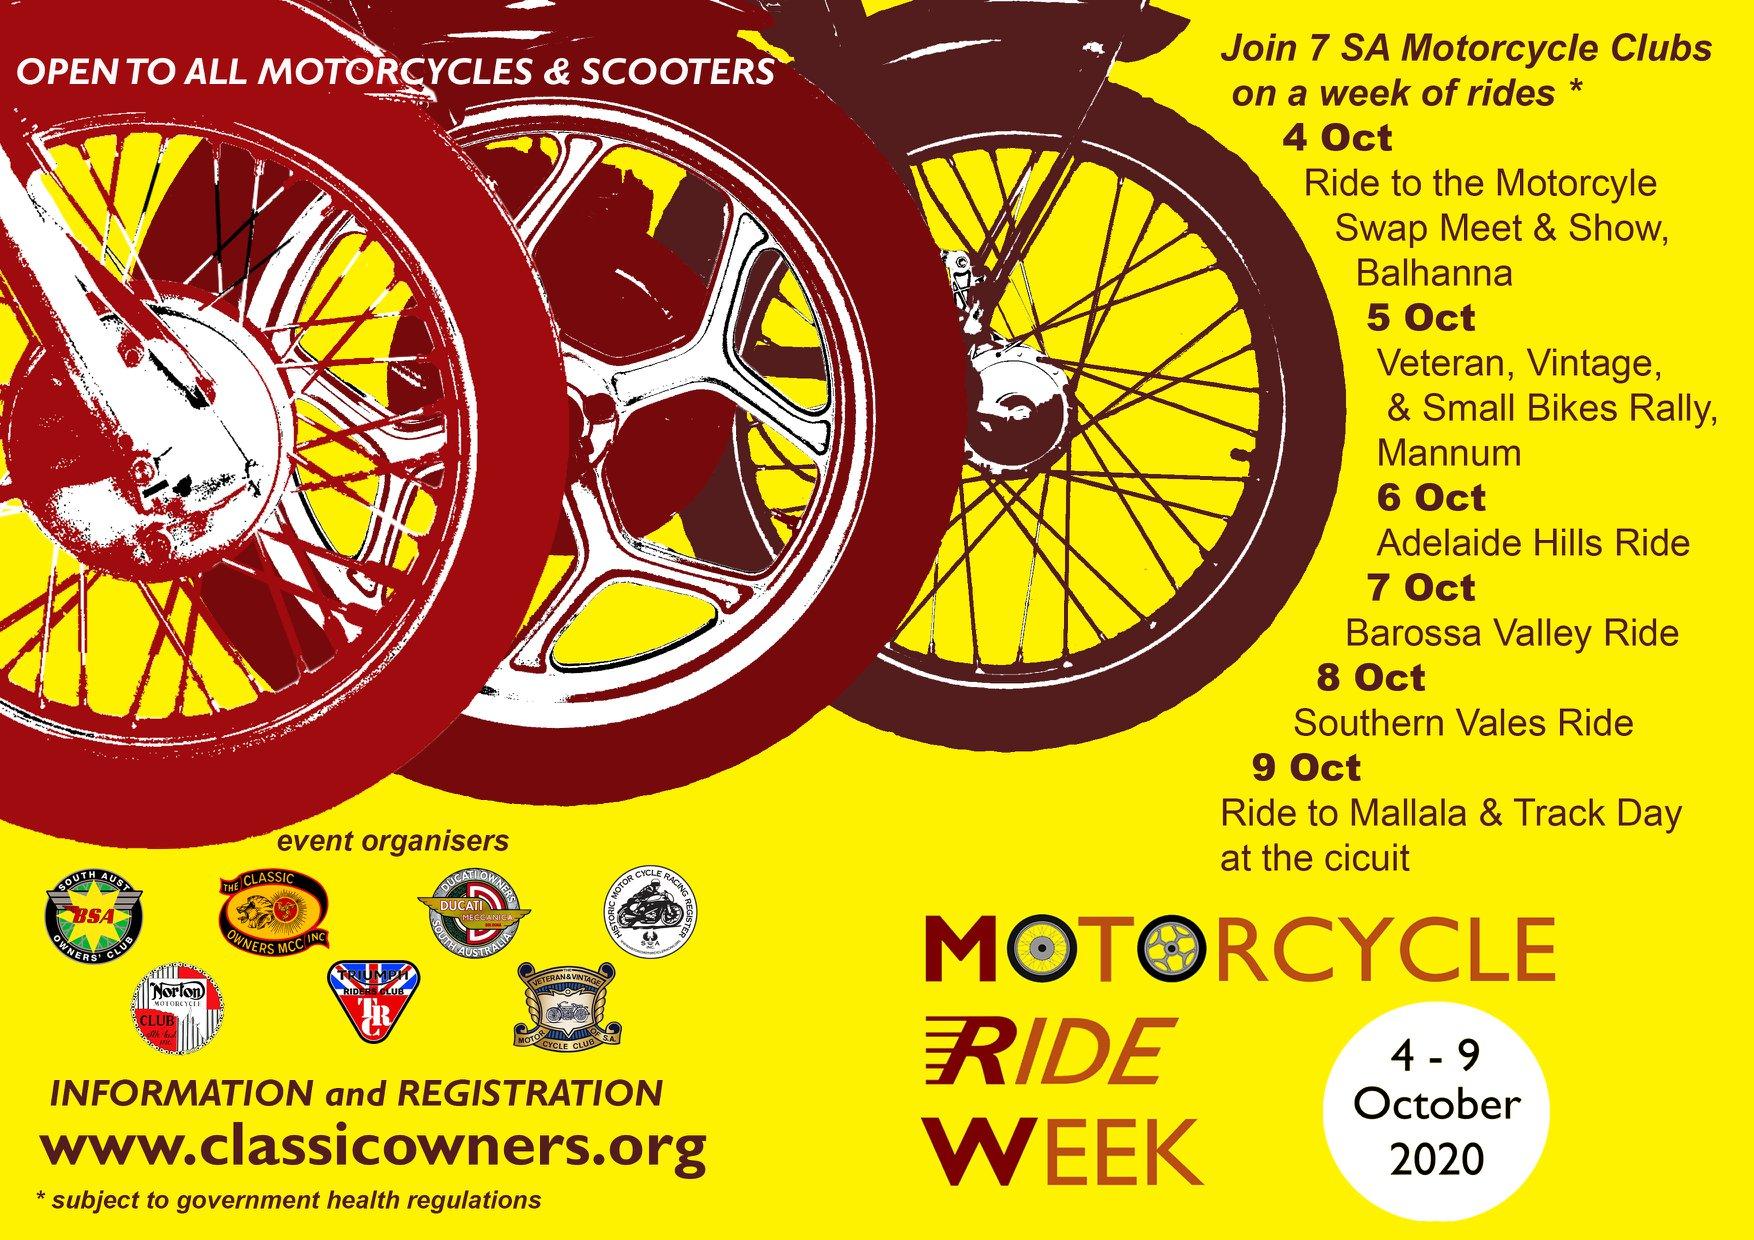 Motorcycle Ride Week 2020